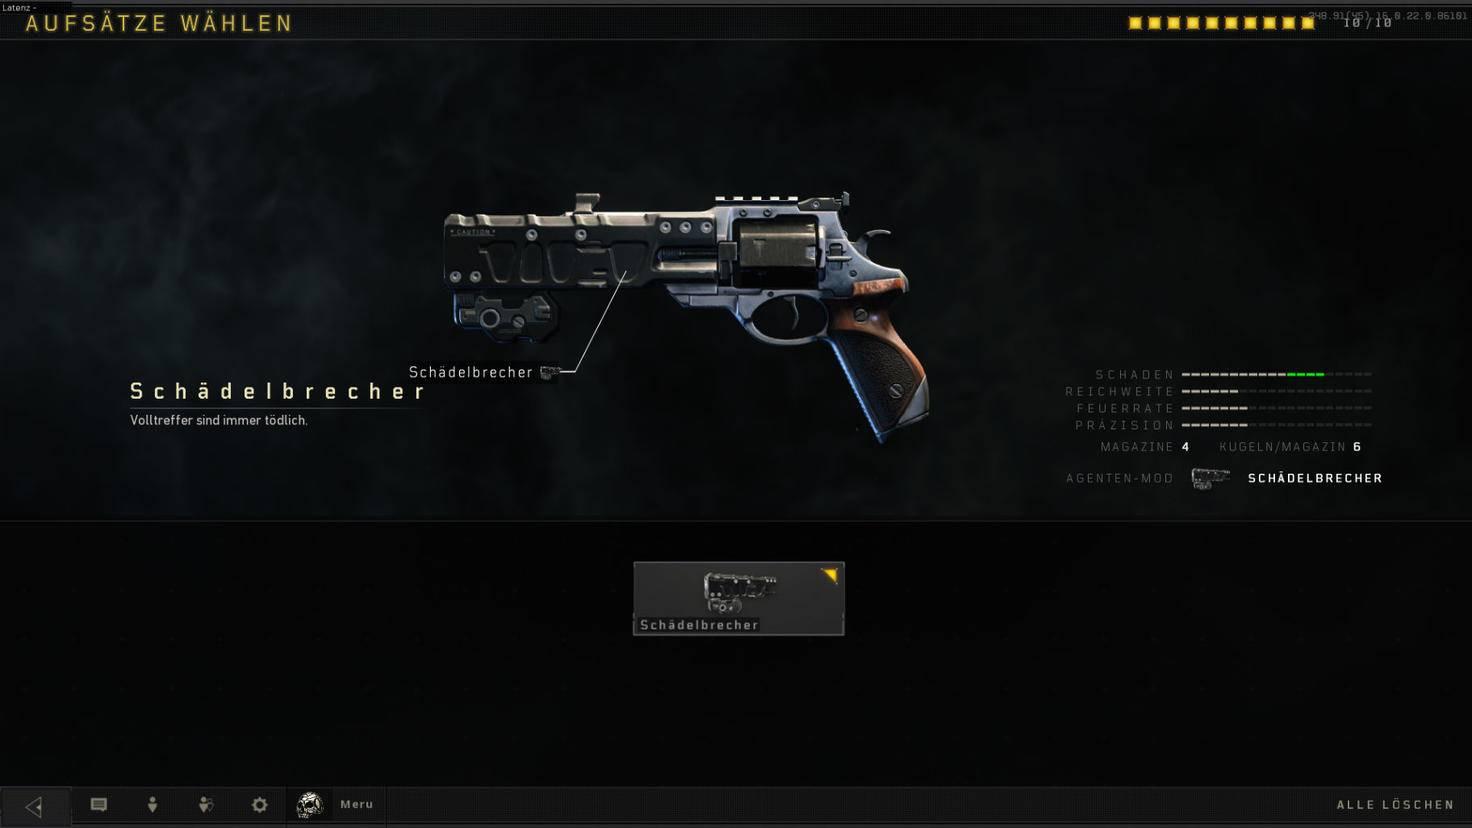 call-of-duty-black-ops-4-mozu-screenshot